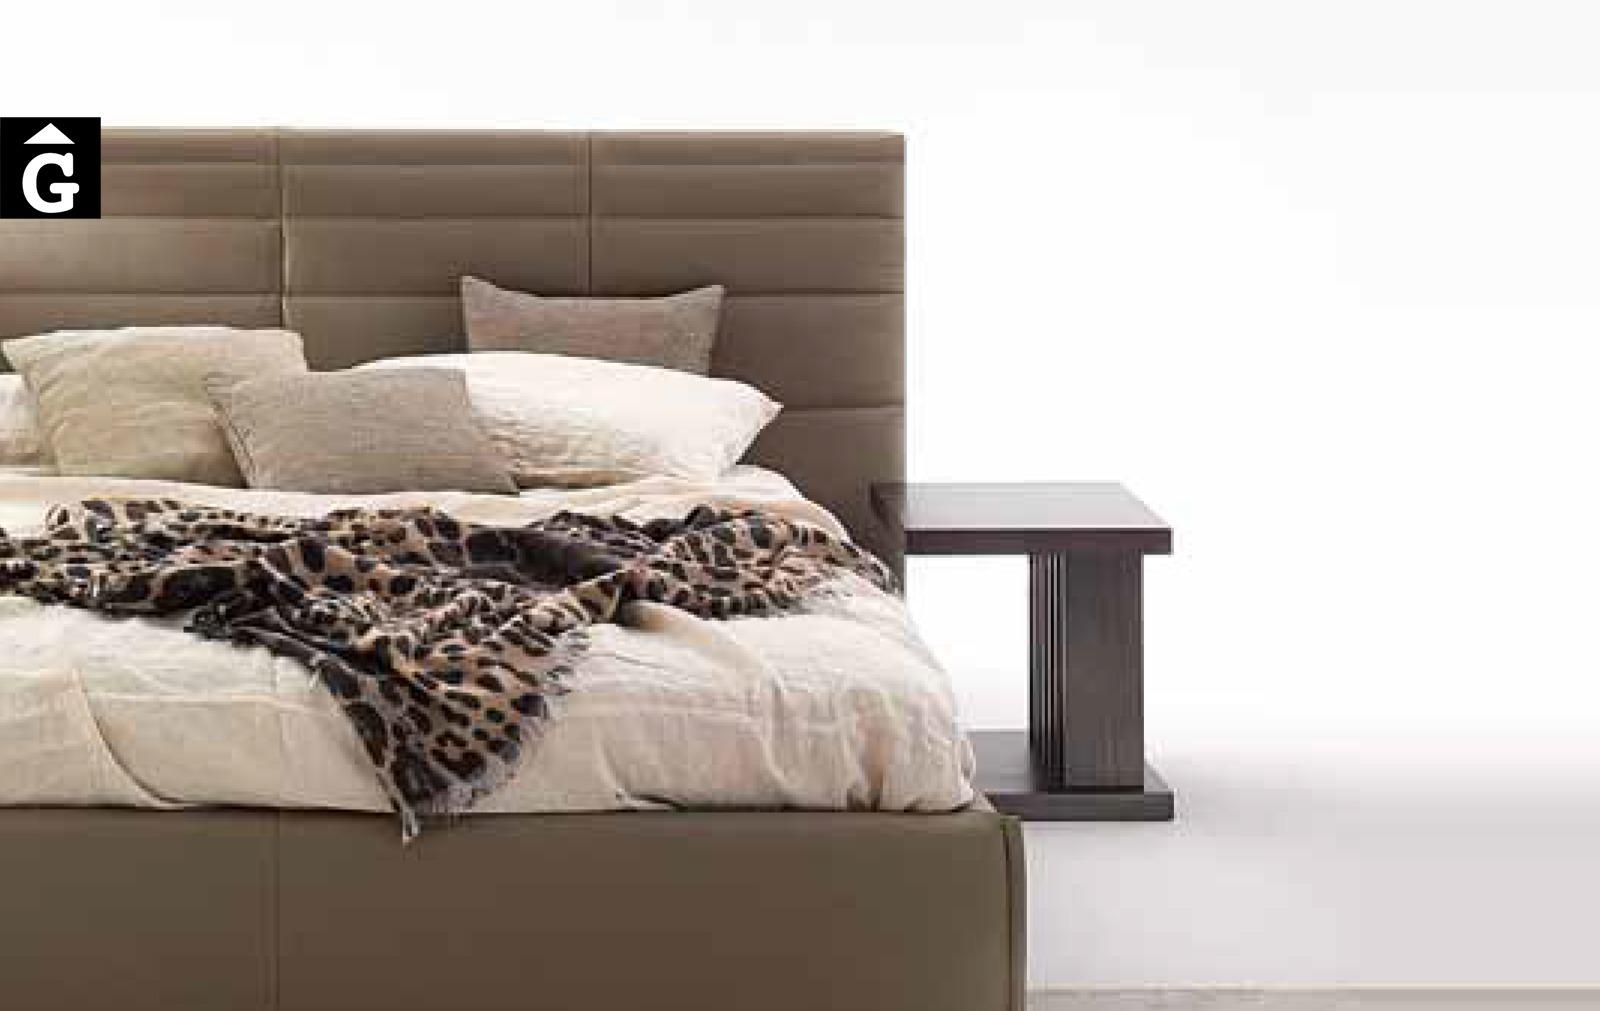 35 1 Grandanlogo sense panels laterals – Ditre Italia llits entapissats disseny i qualitat alta by mobles Gifreu